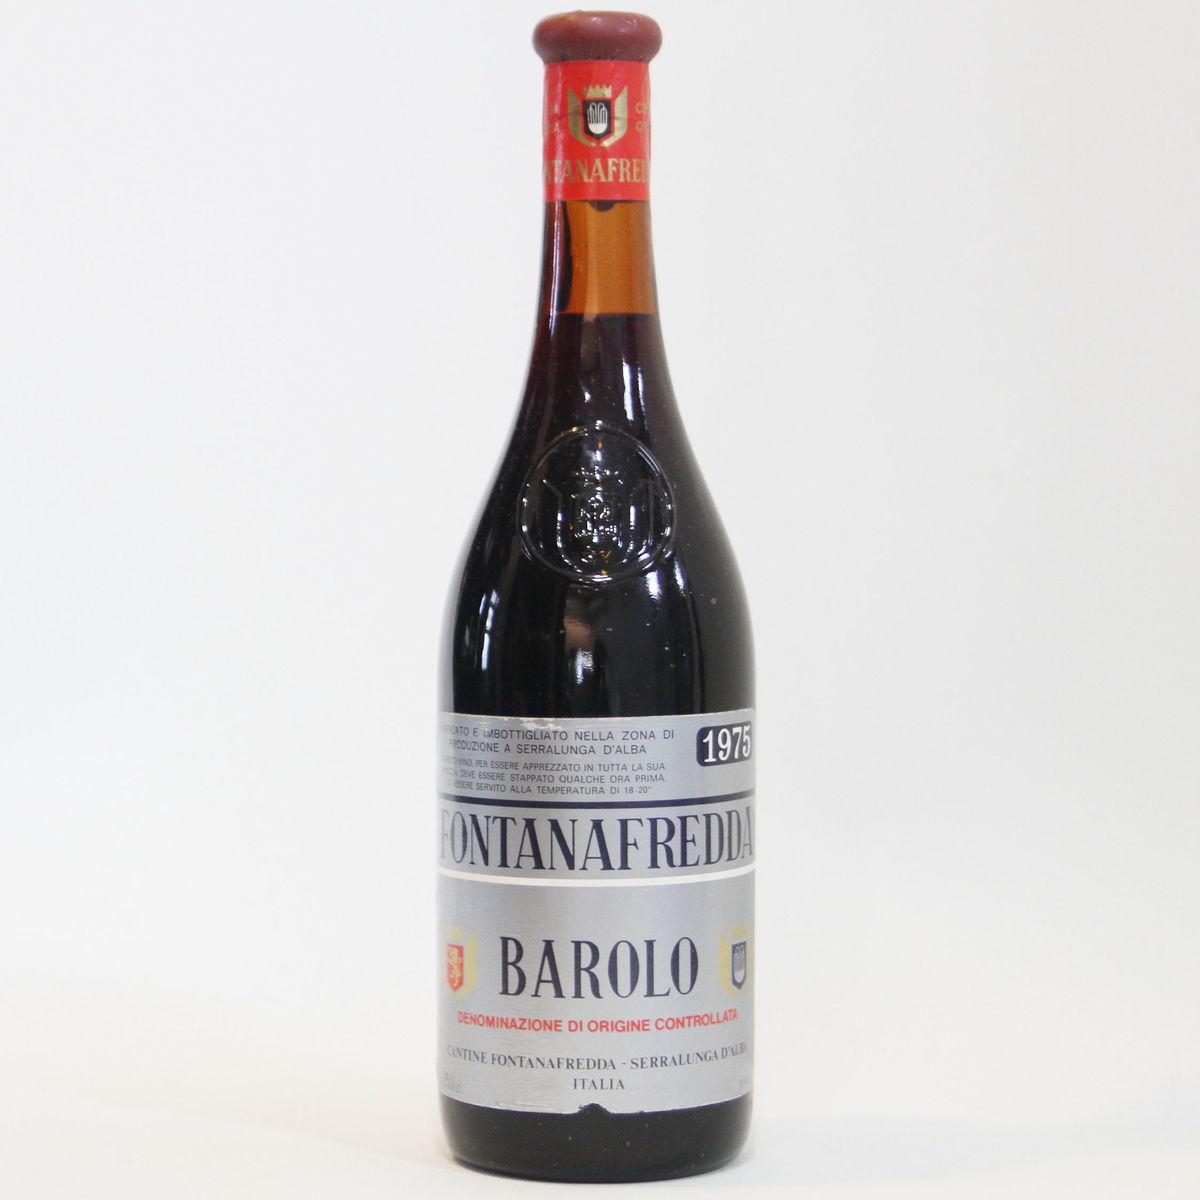 【1975年】バローロ フォンタナフレッダ Barolo Fontanafredda イタリア ピエモンテ 赤ワイン 750ml